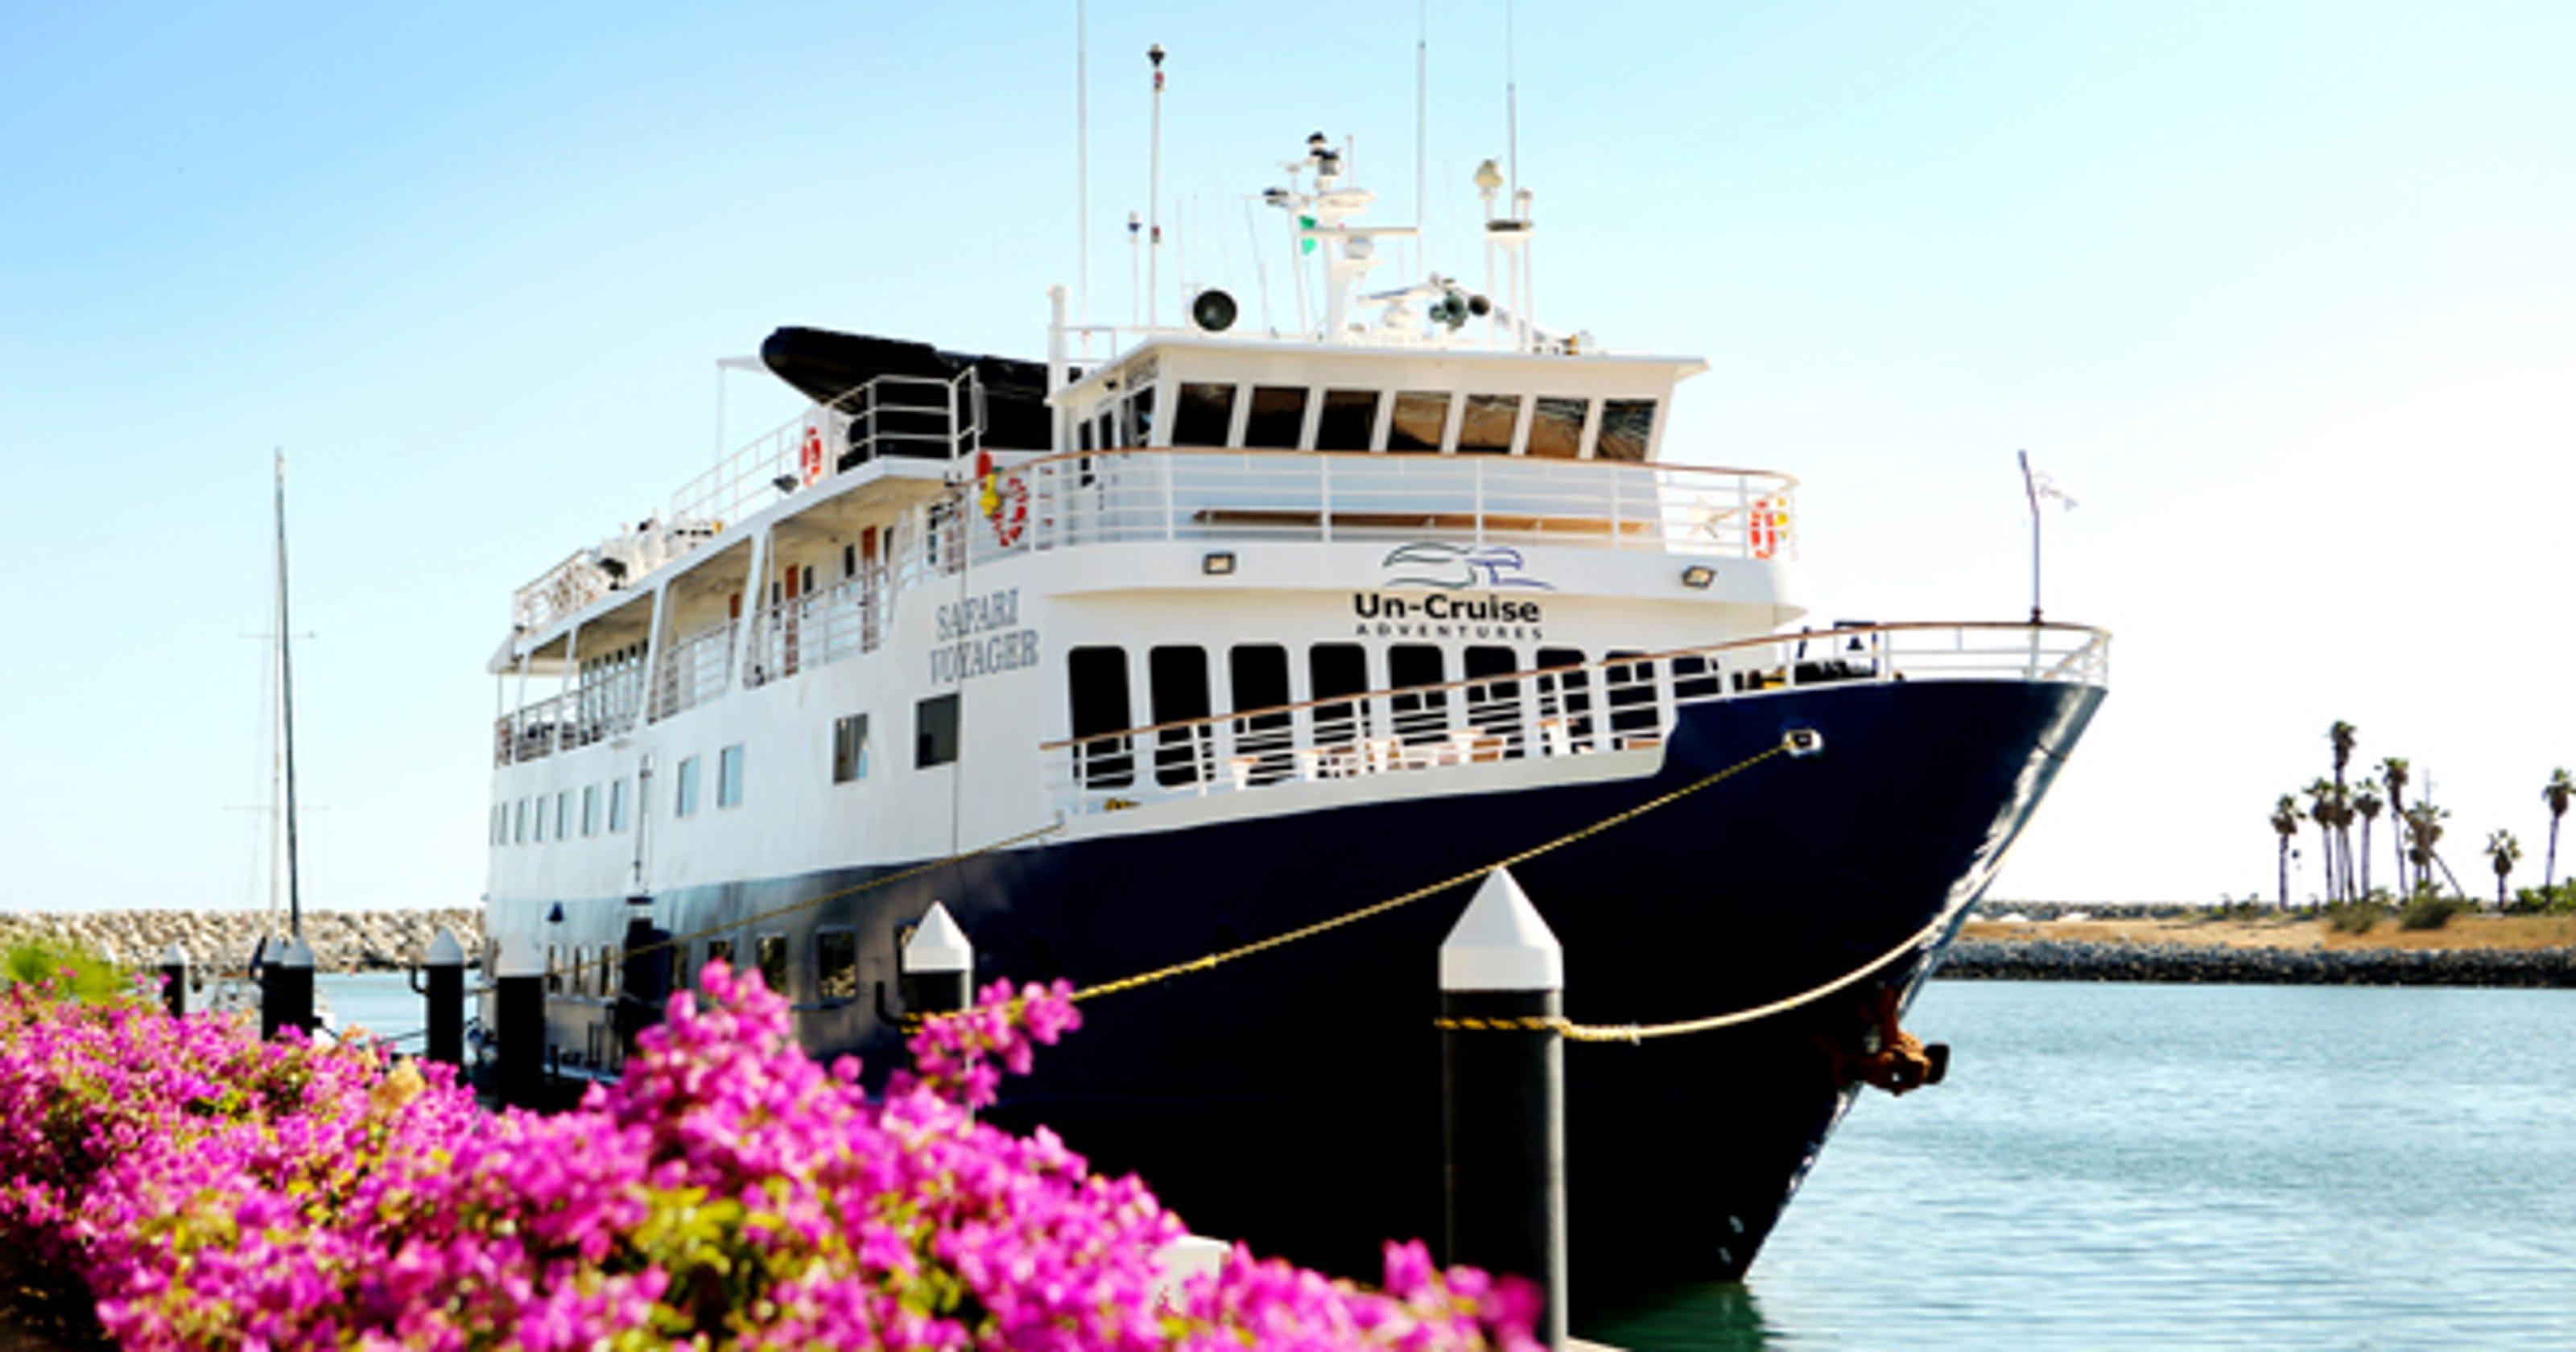 Safari Voyager: UnCruise Adventures ship explores Central